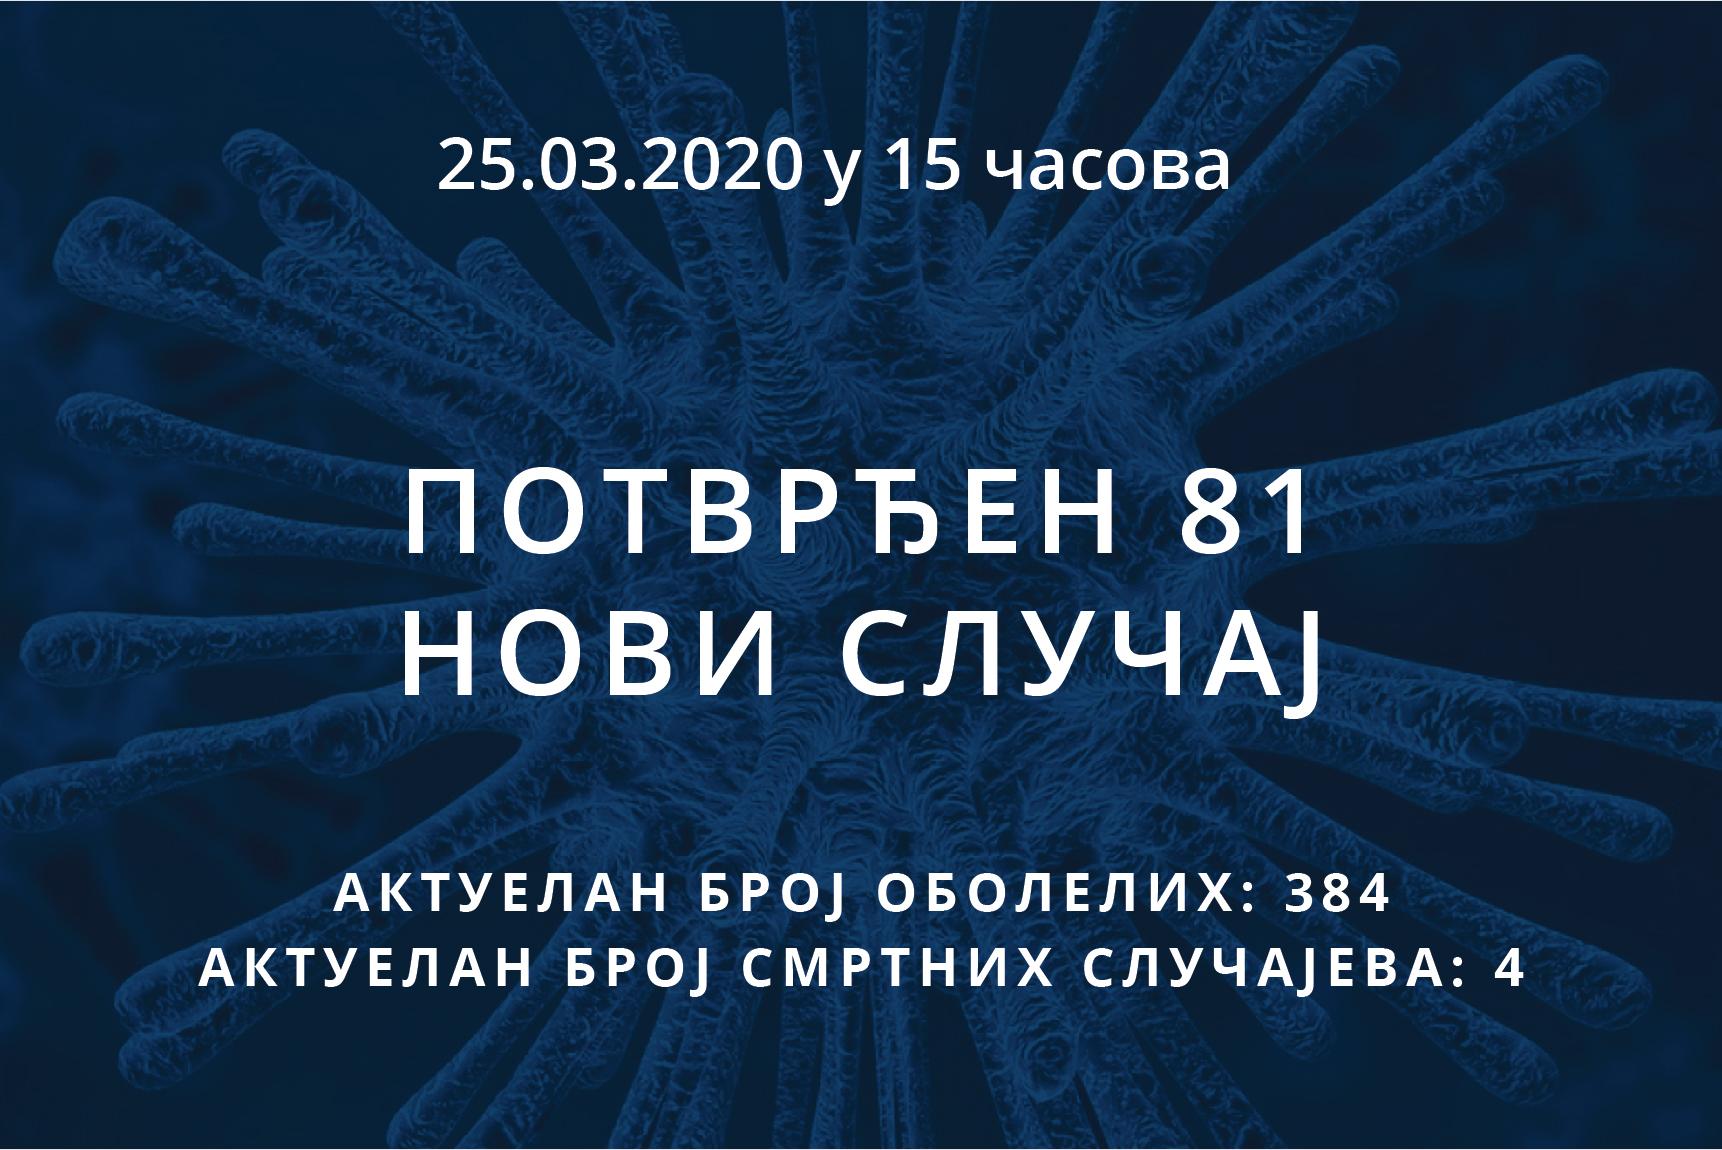 Информације о корона вирусу COVID-19, 25.03.2020 у 15 часова